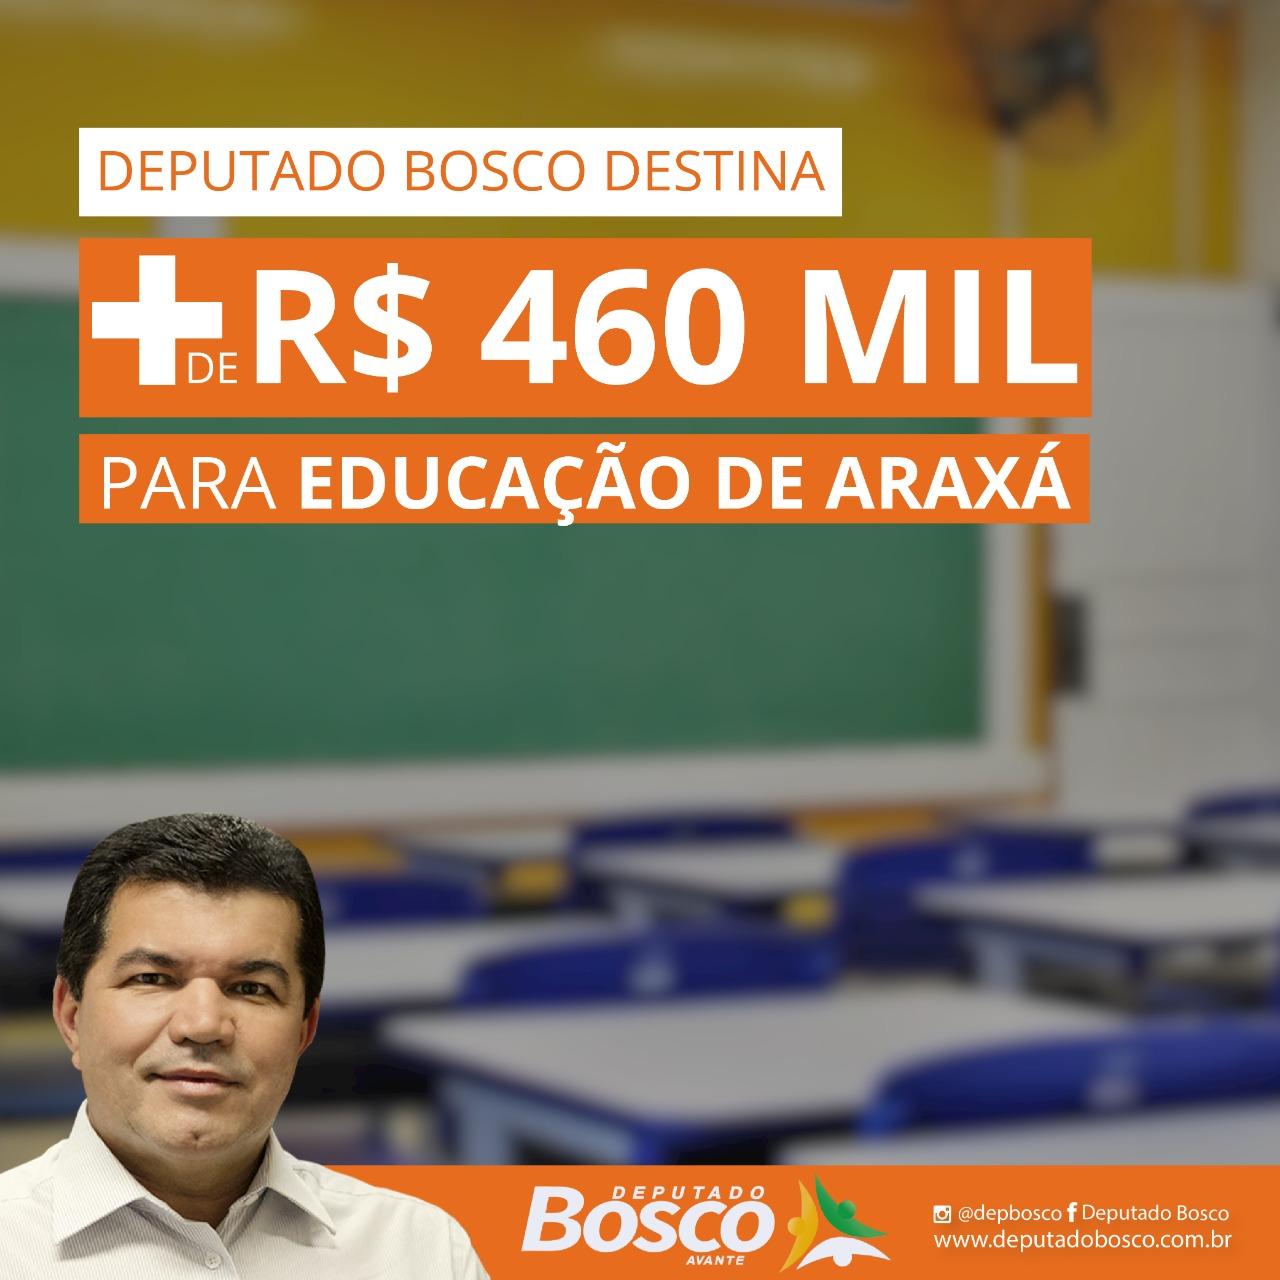 Deputado Bosco destina mais de R$ 460 mil para as escolas de Araxá